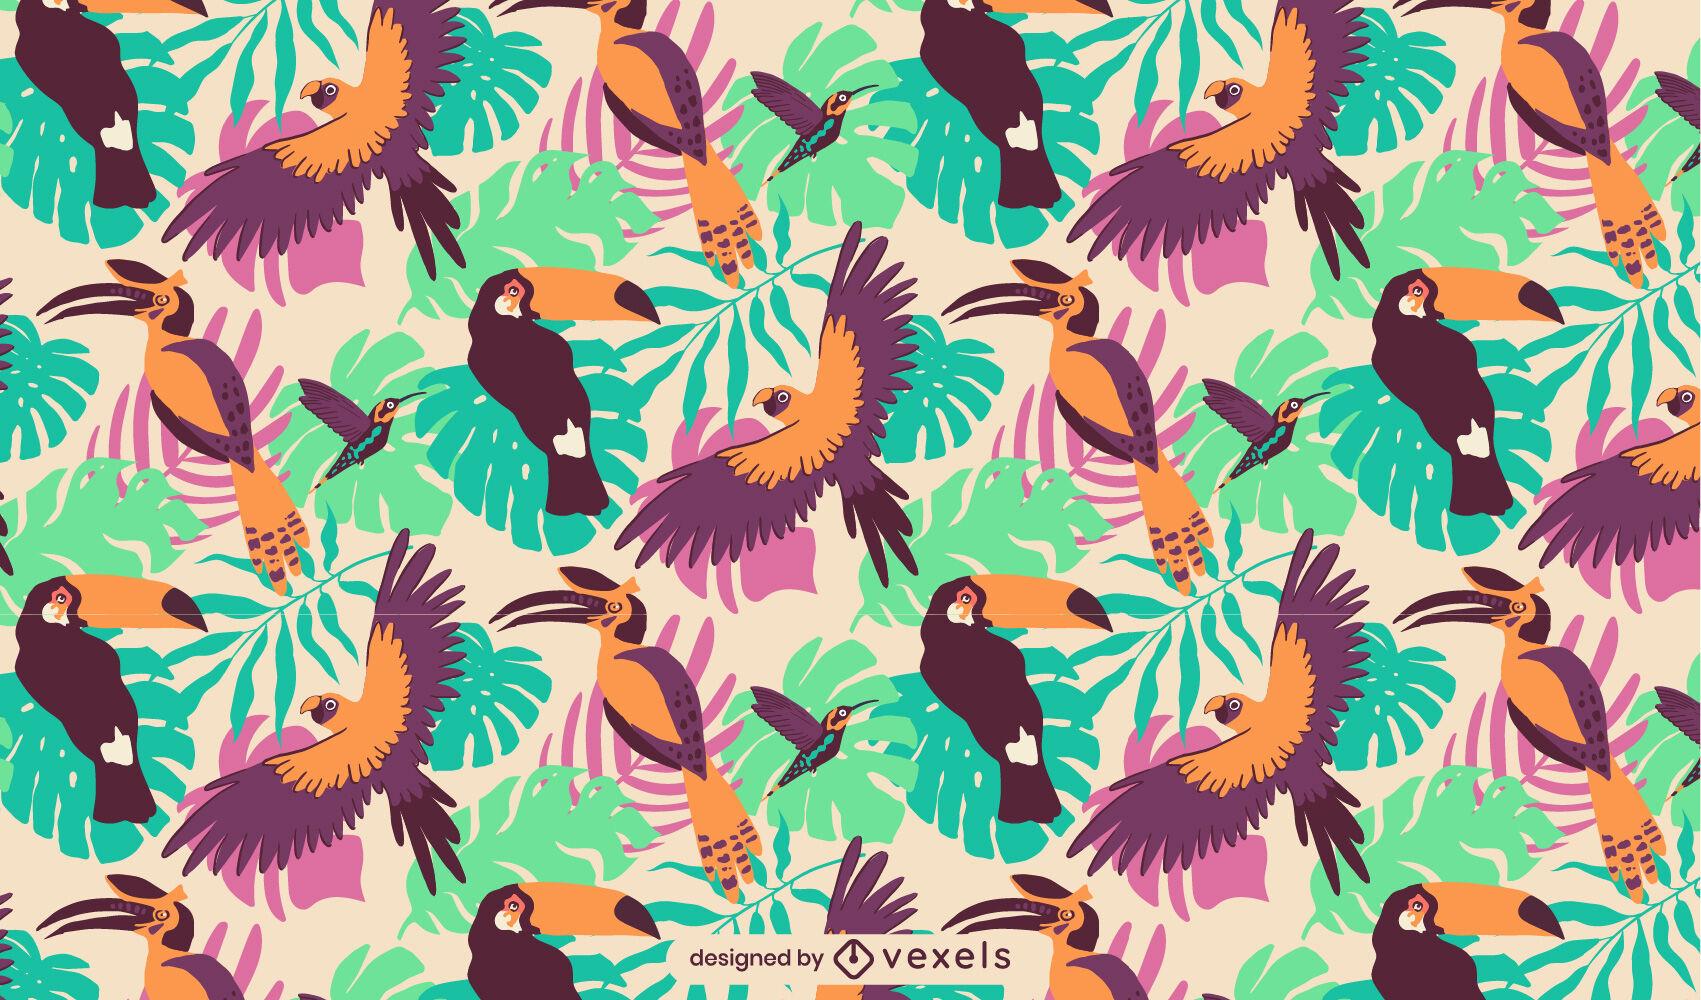 Projeto de padrão tropical de pássaros tucanos